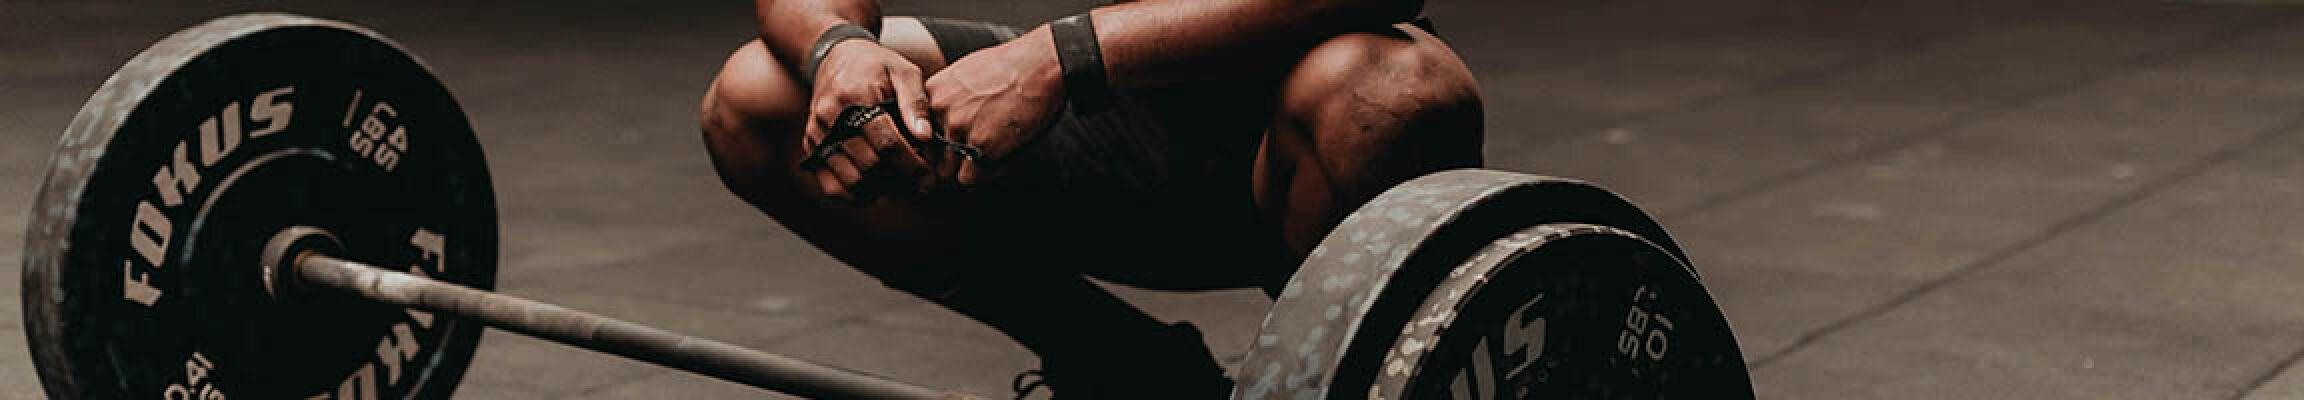 Training mit Muskelkater - Wann Du NICHT trainieren solltest